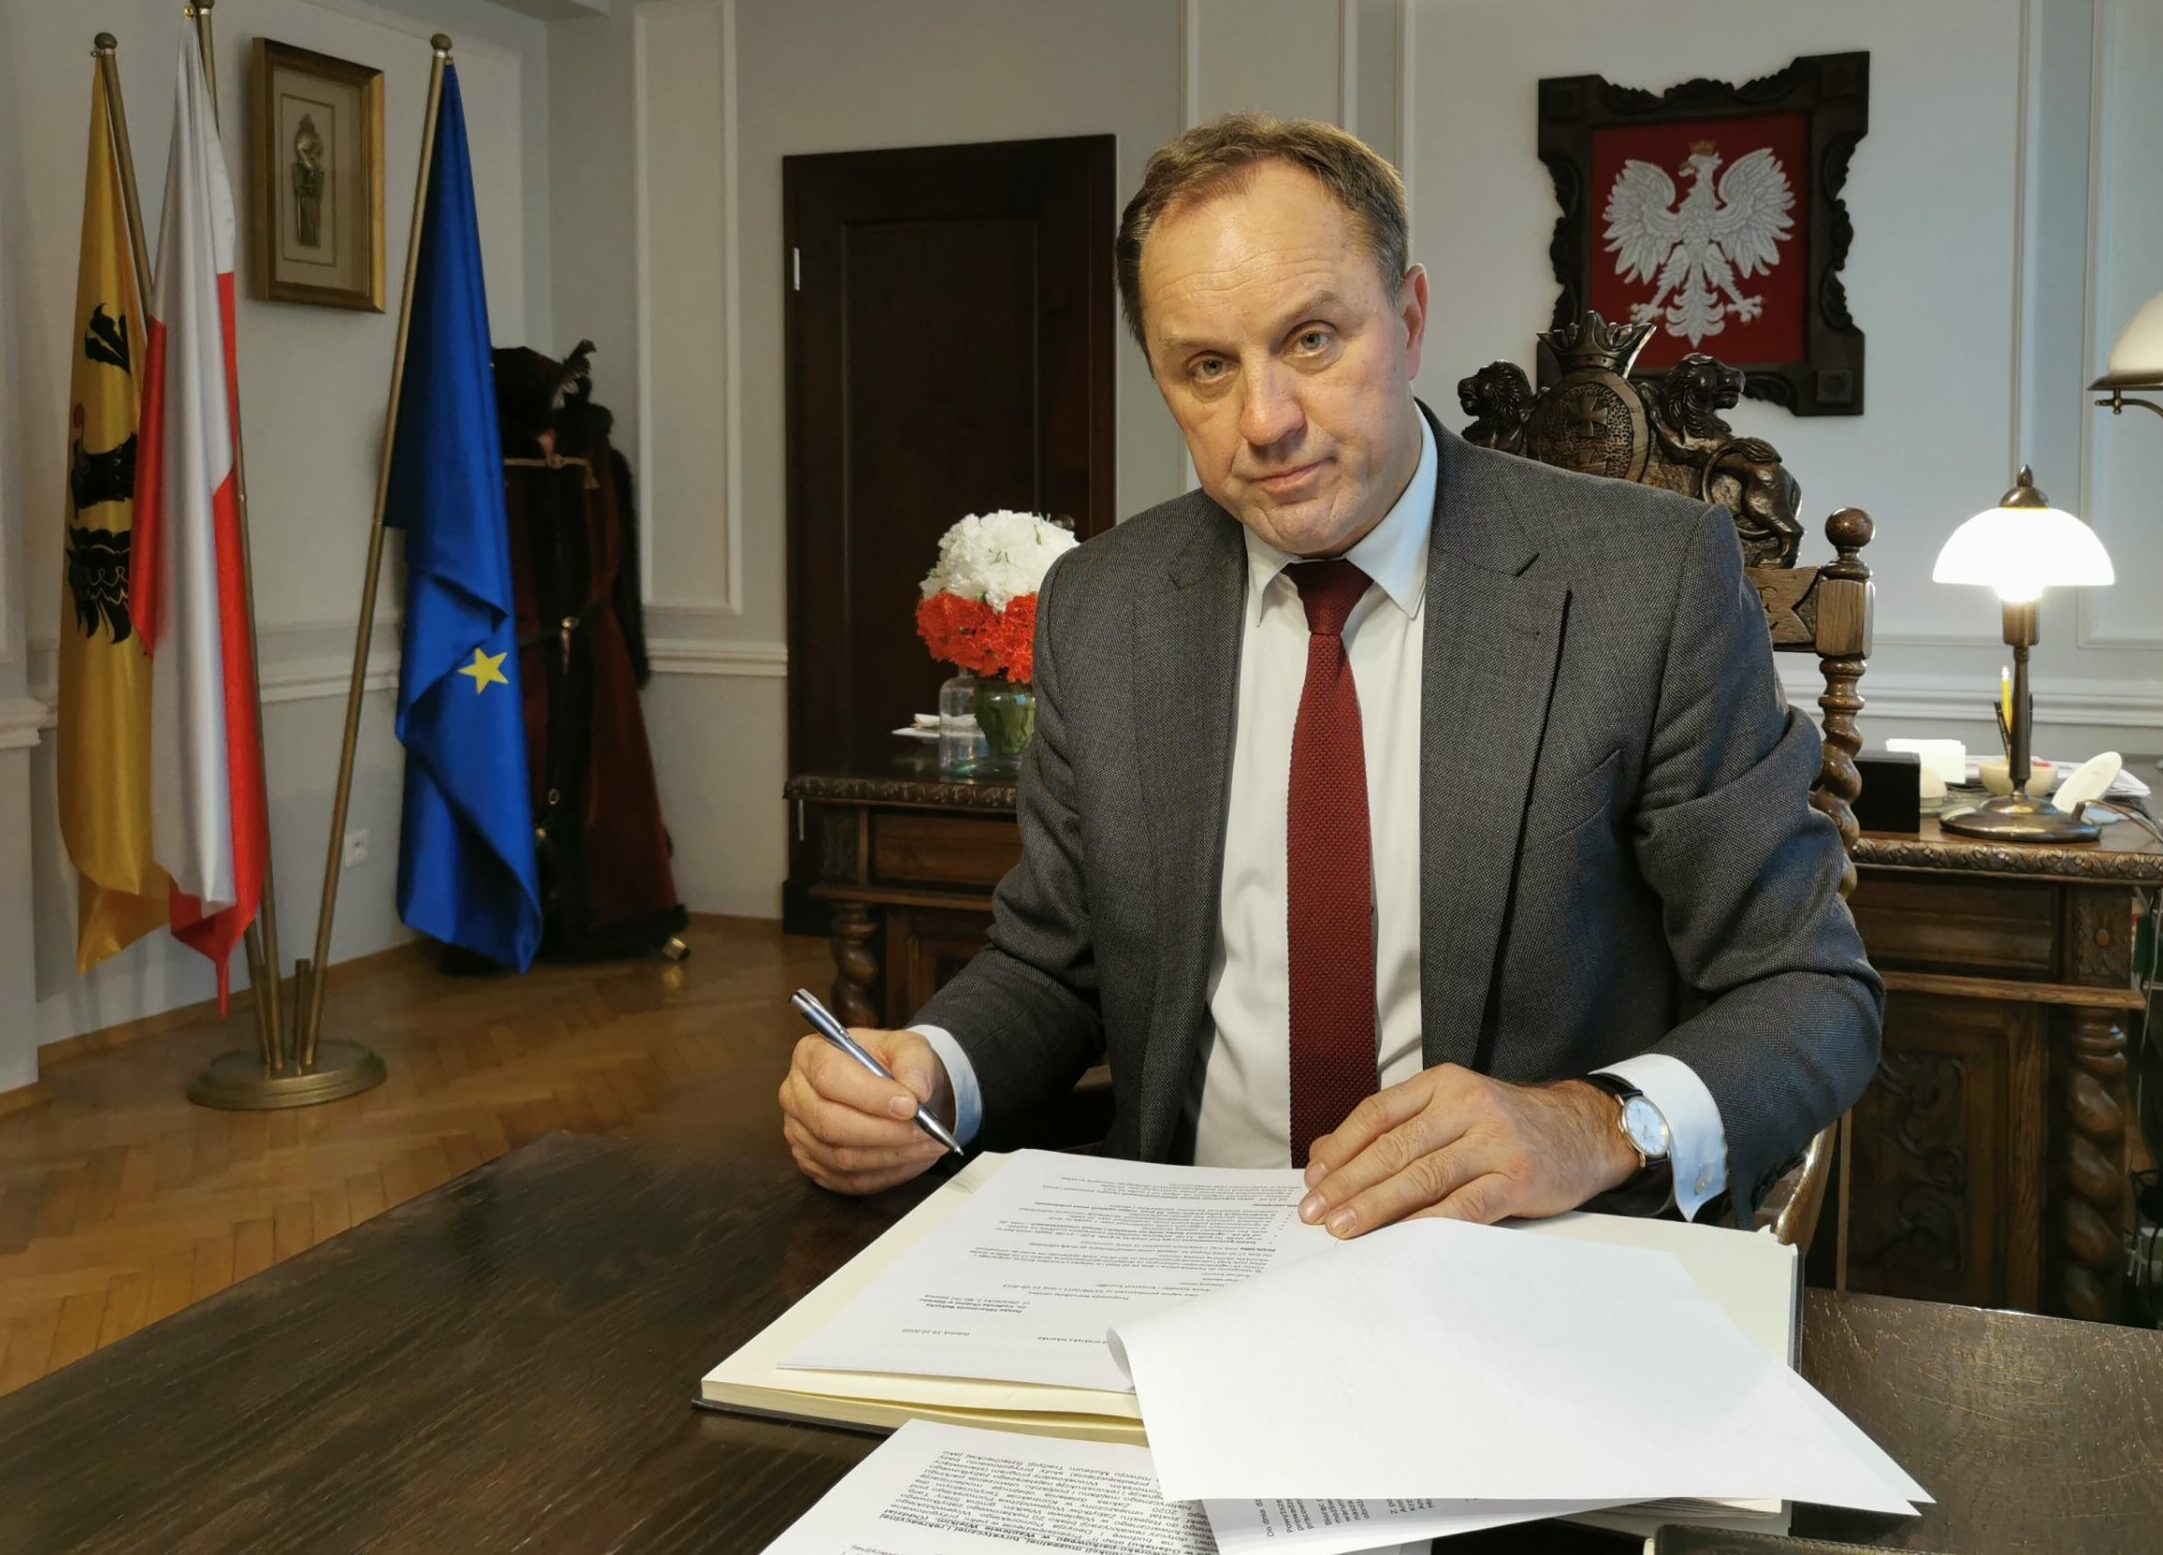 Nie tylko gminy górskie potrzebują wsparcia od rządu. Marszałek Struk apeluje do premiera